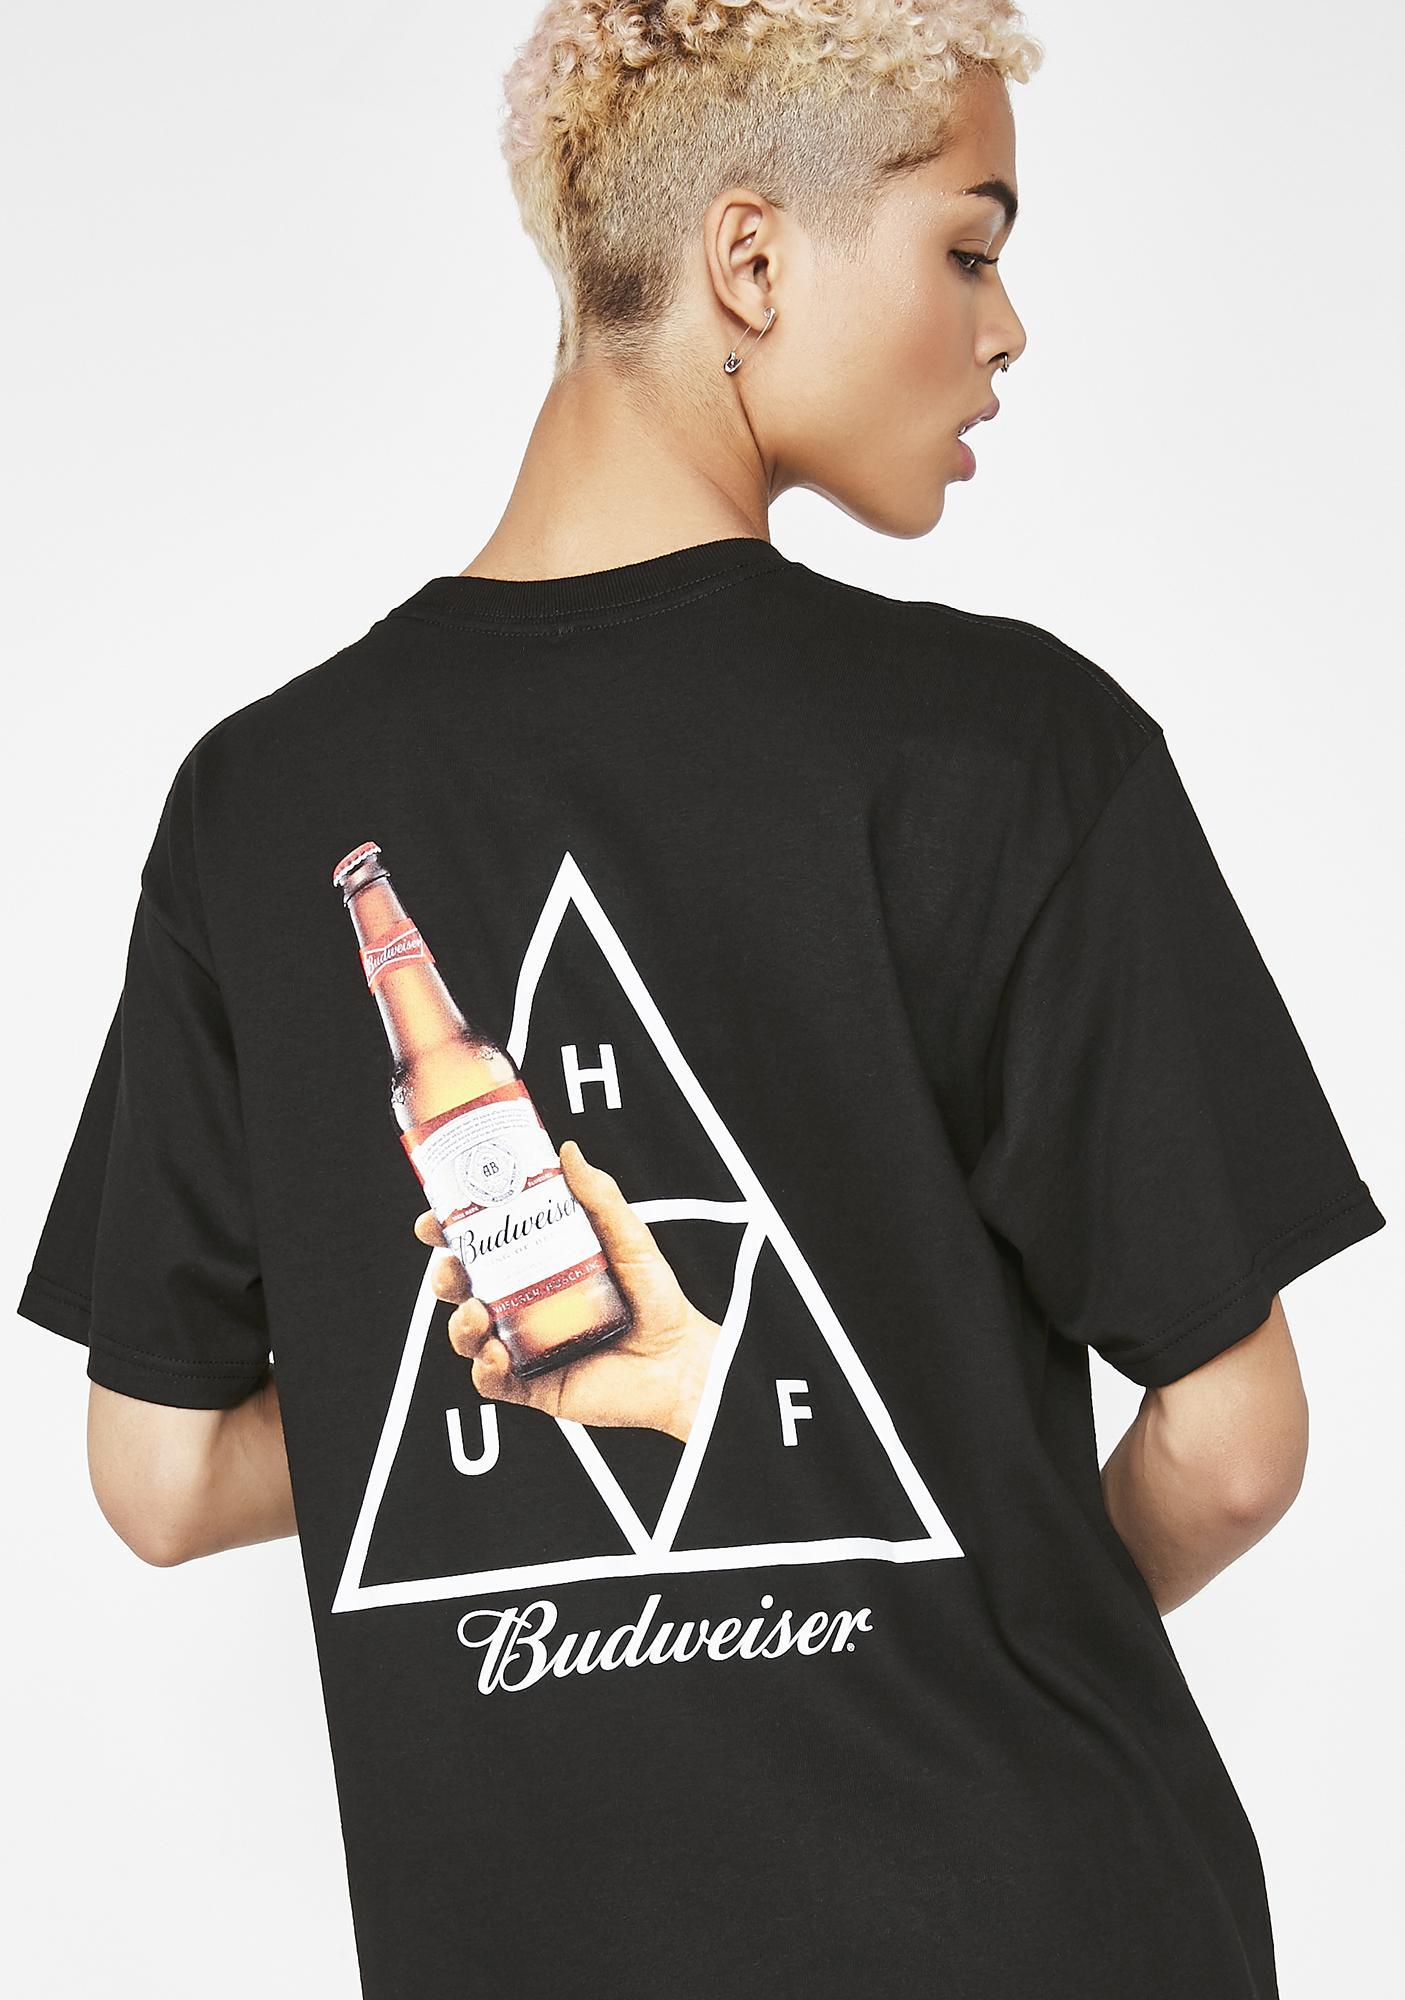 HUF x Budweiser Cheers Tee